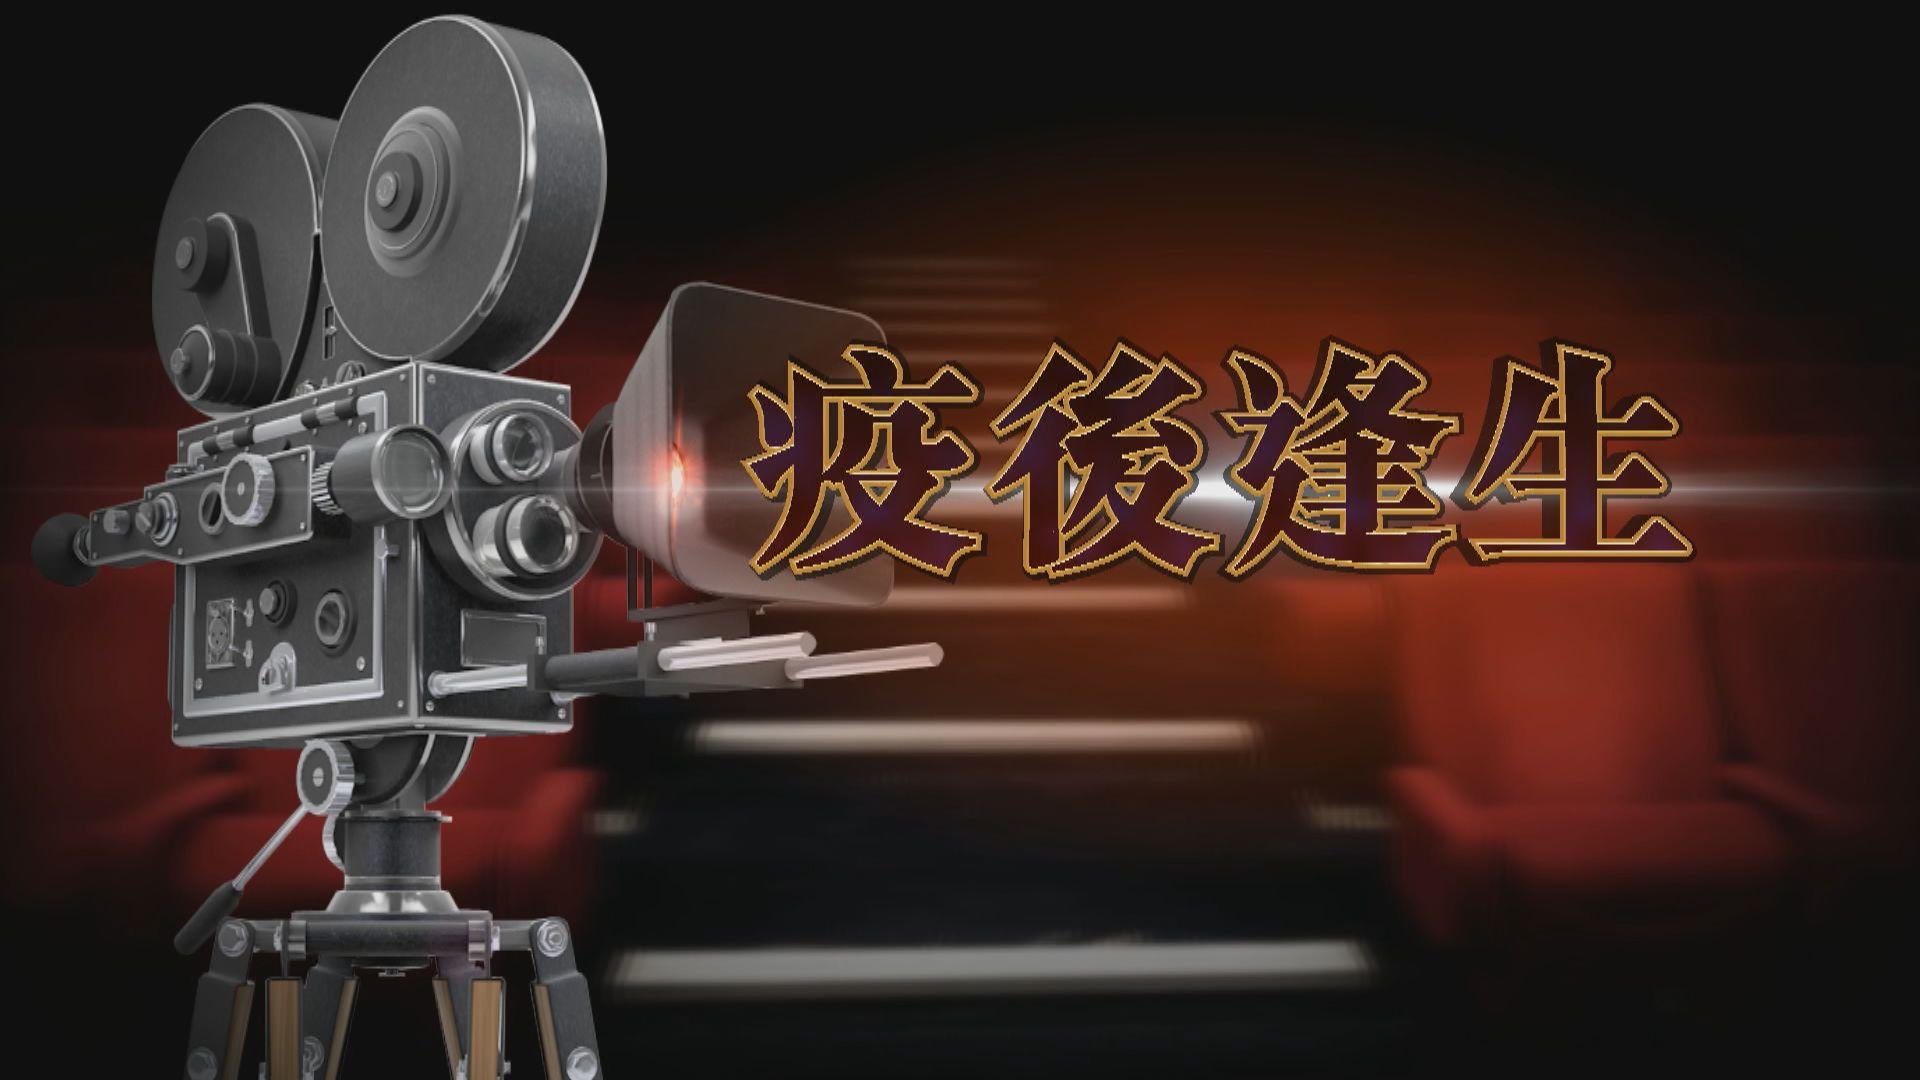 【新聞智庫】電影「疫」流上映如賭博?